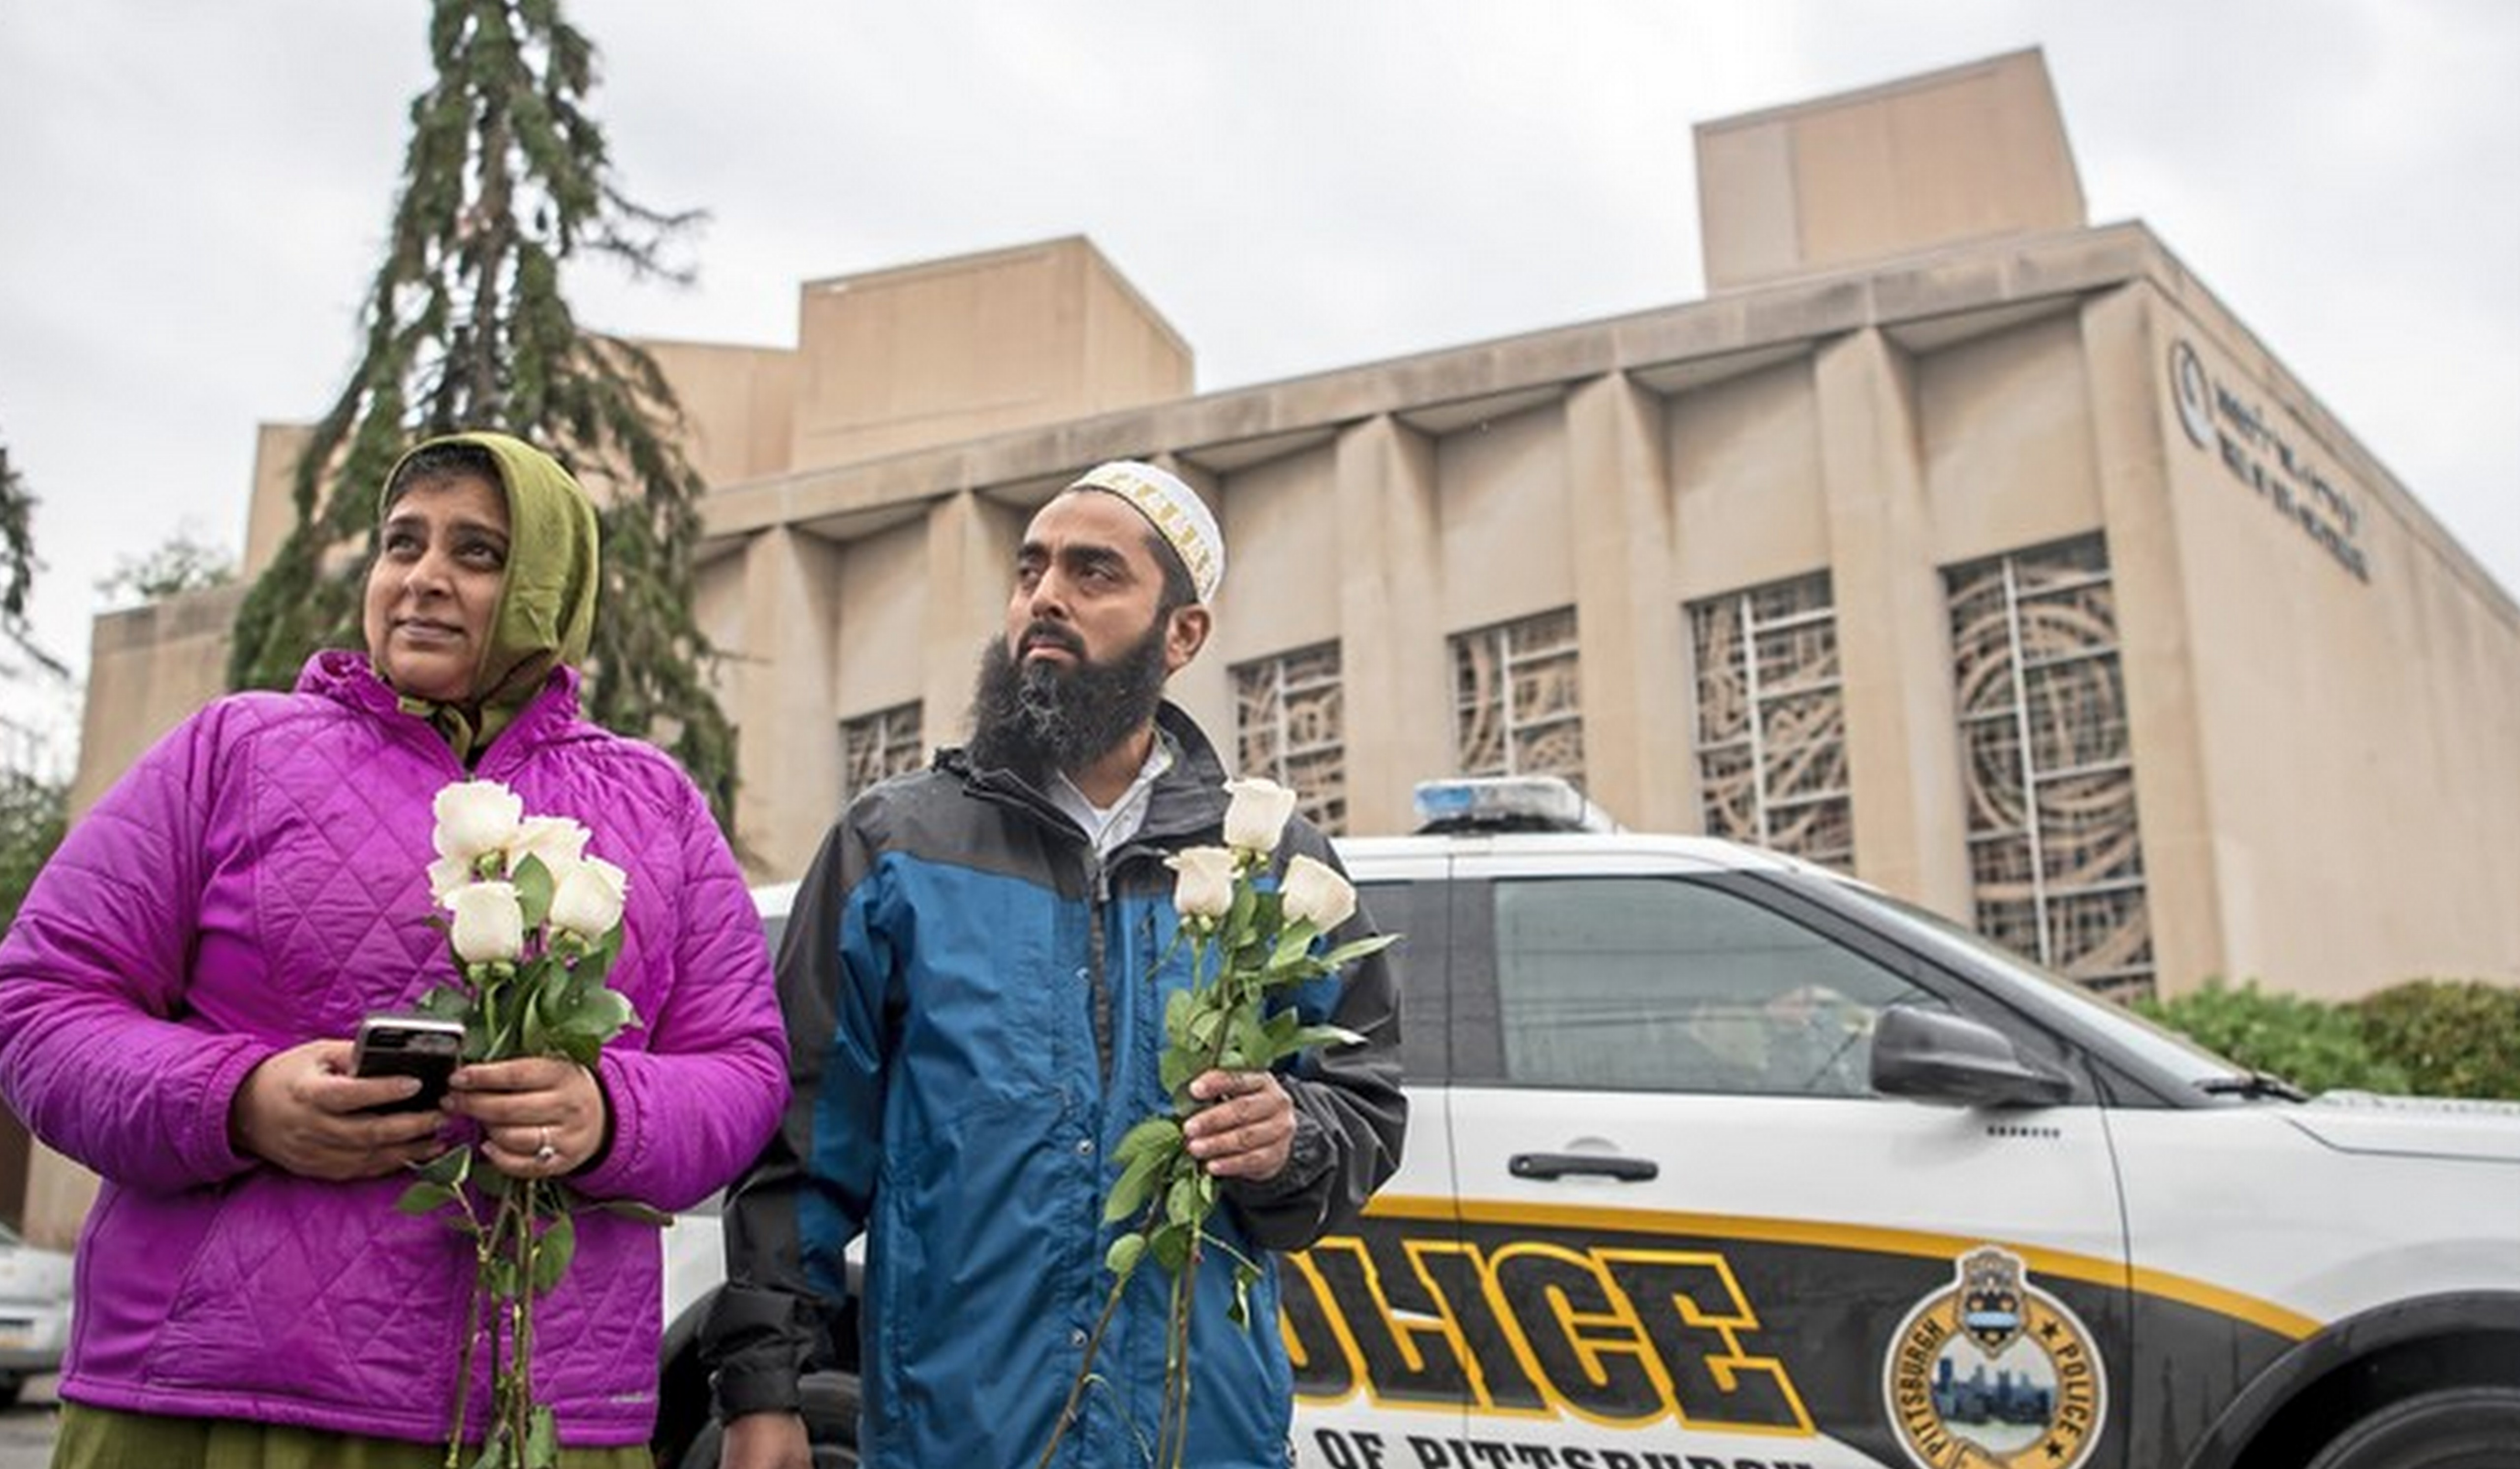 Muçulmanos arrecadam mais de U$180 mil para vítimas de ataque em sinagoga 1